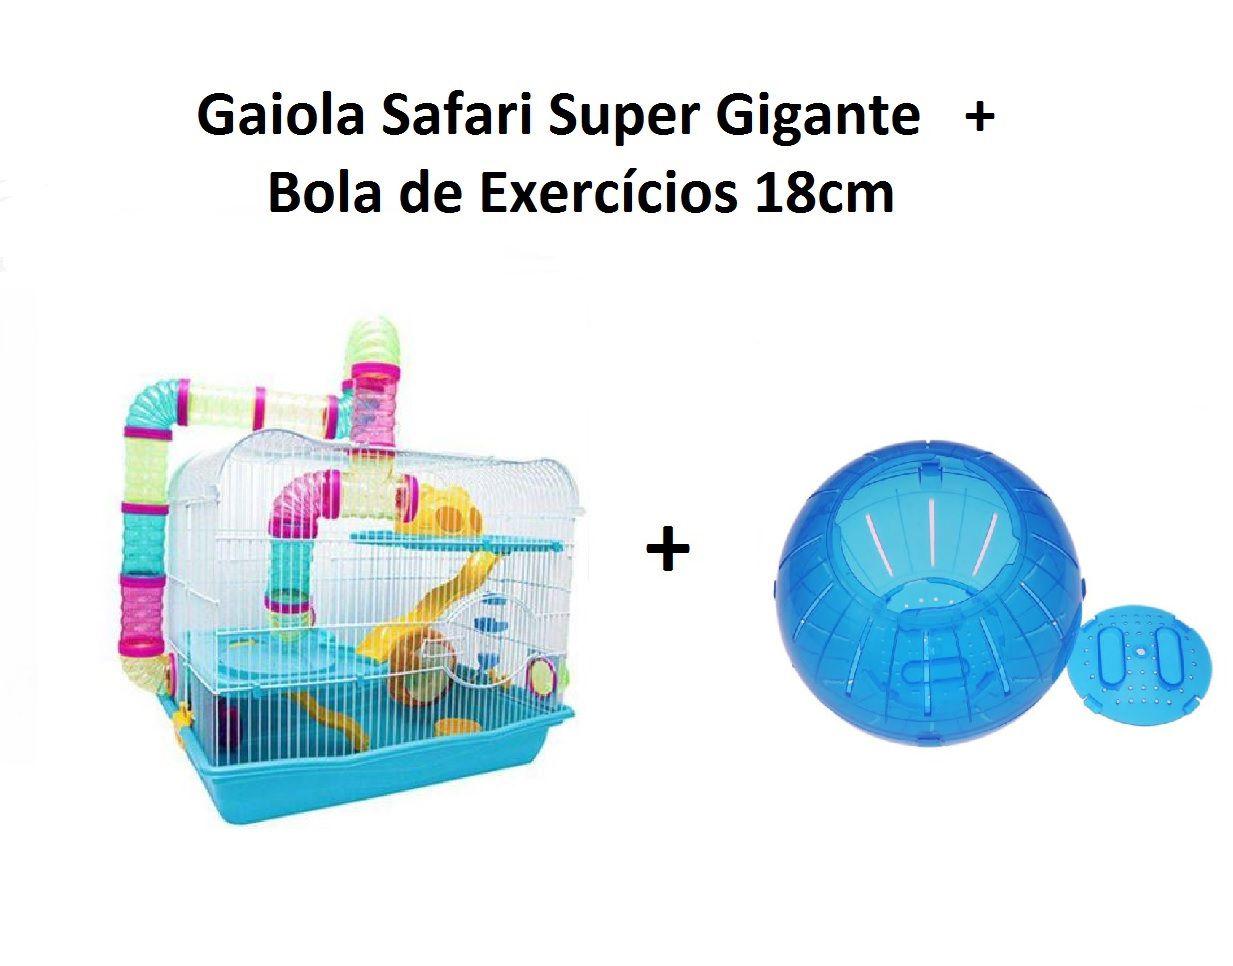 Kit Gaiola Safari Super Gigante Azul + Bola de Exercícios 18cm Azul